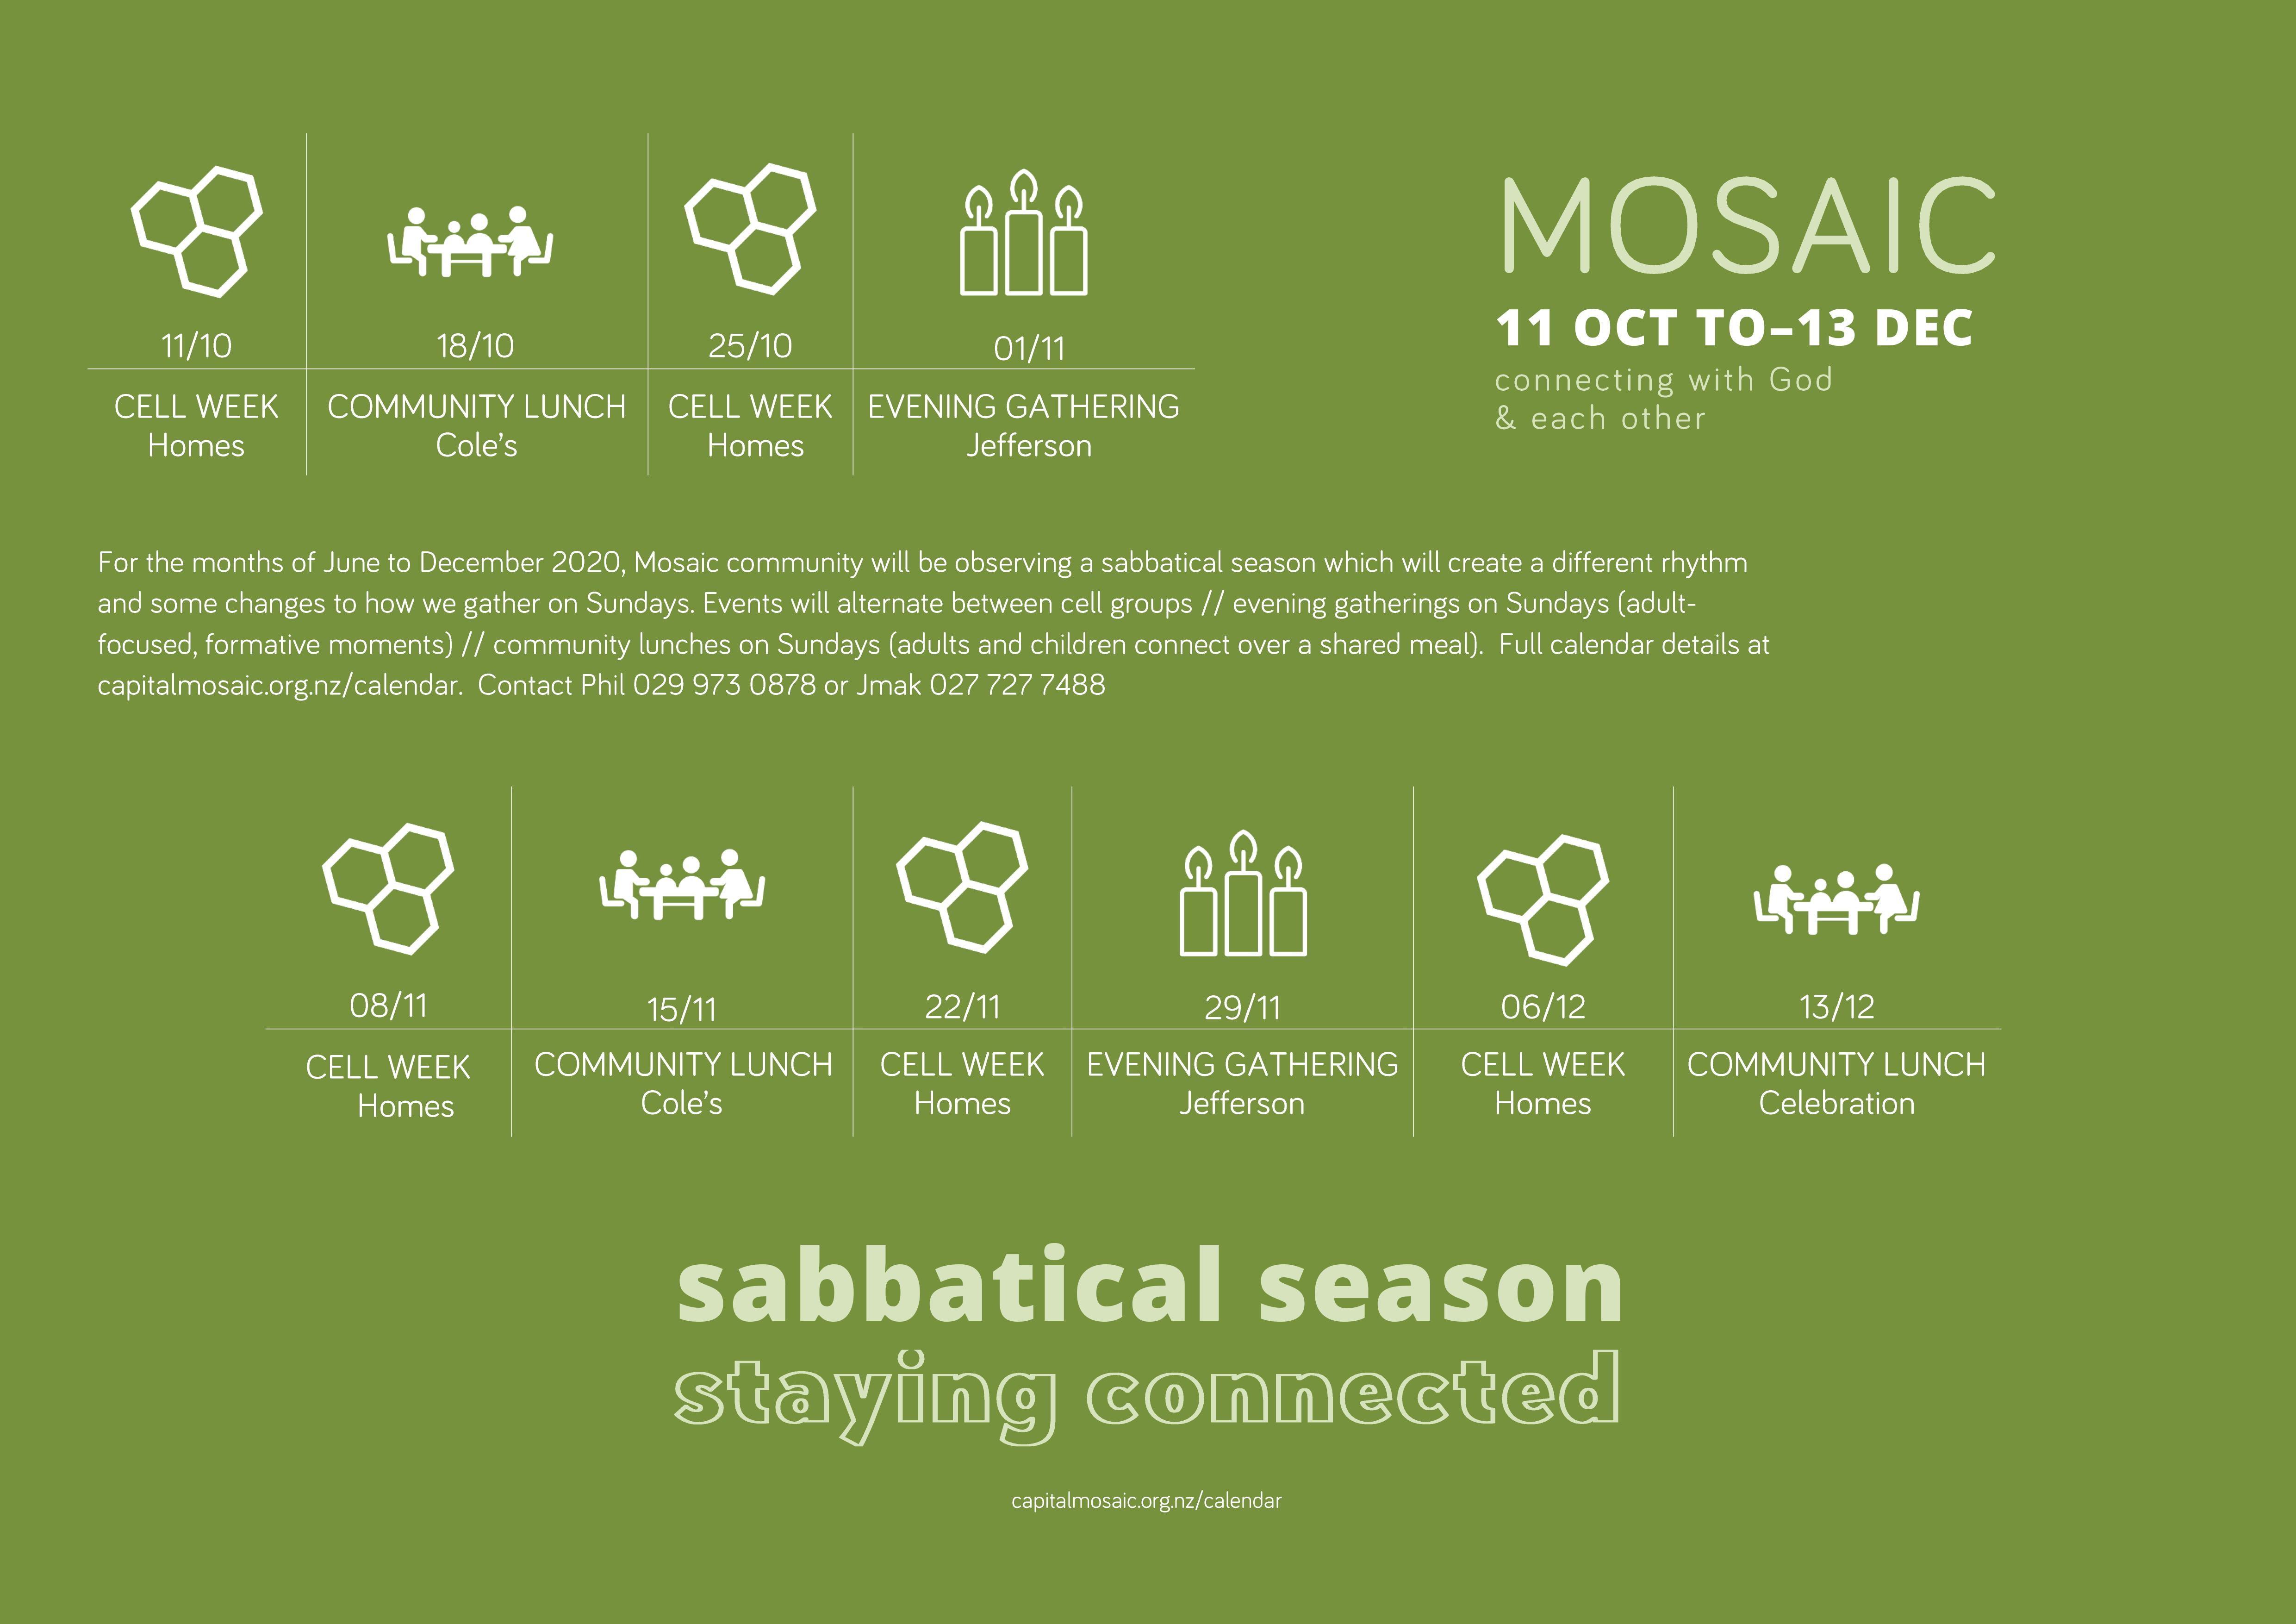 Mosaic-Sabbatical-Calendar-OCT-to-DEC-2020